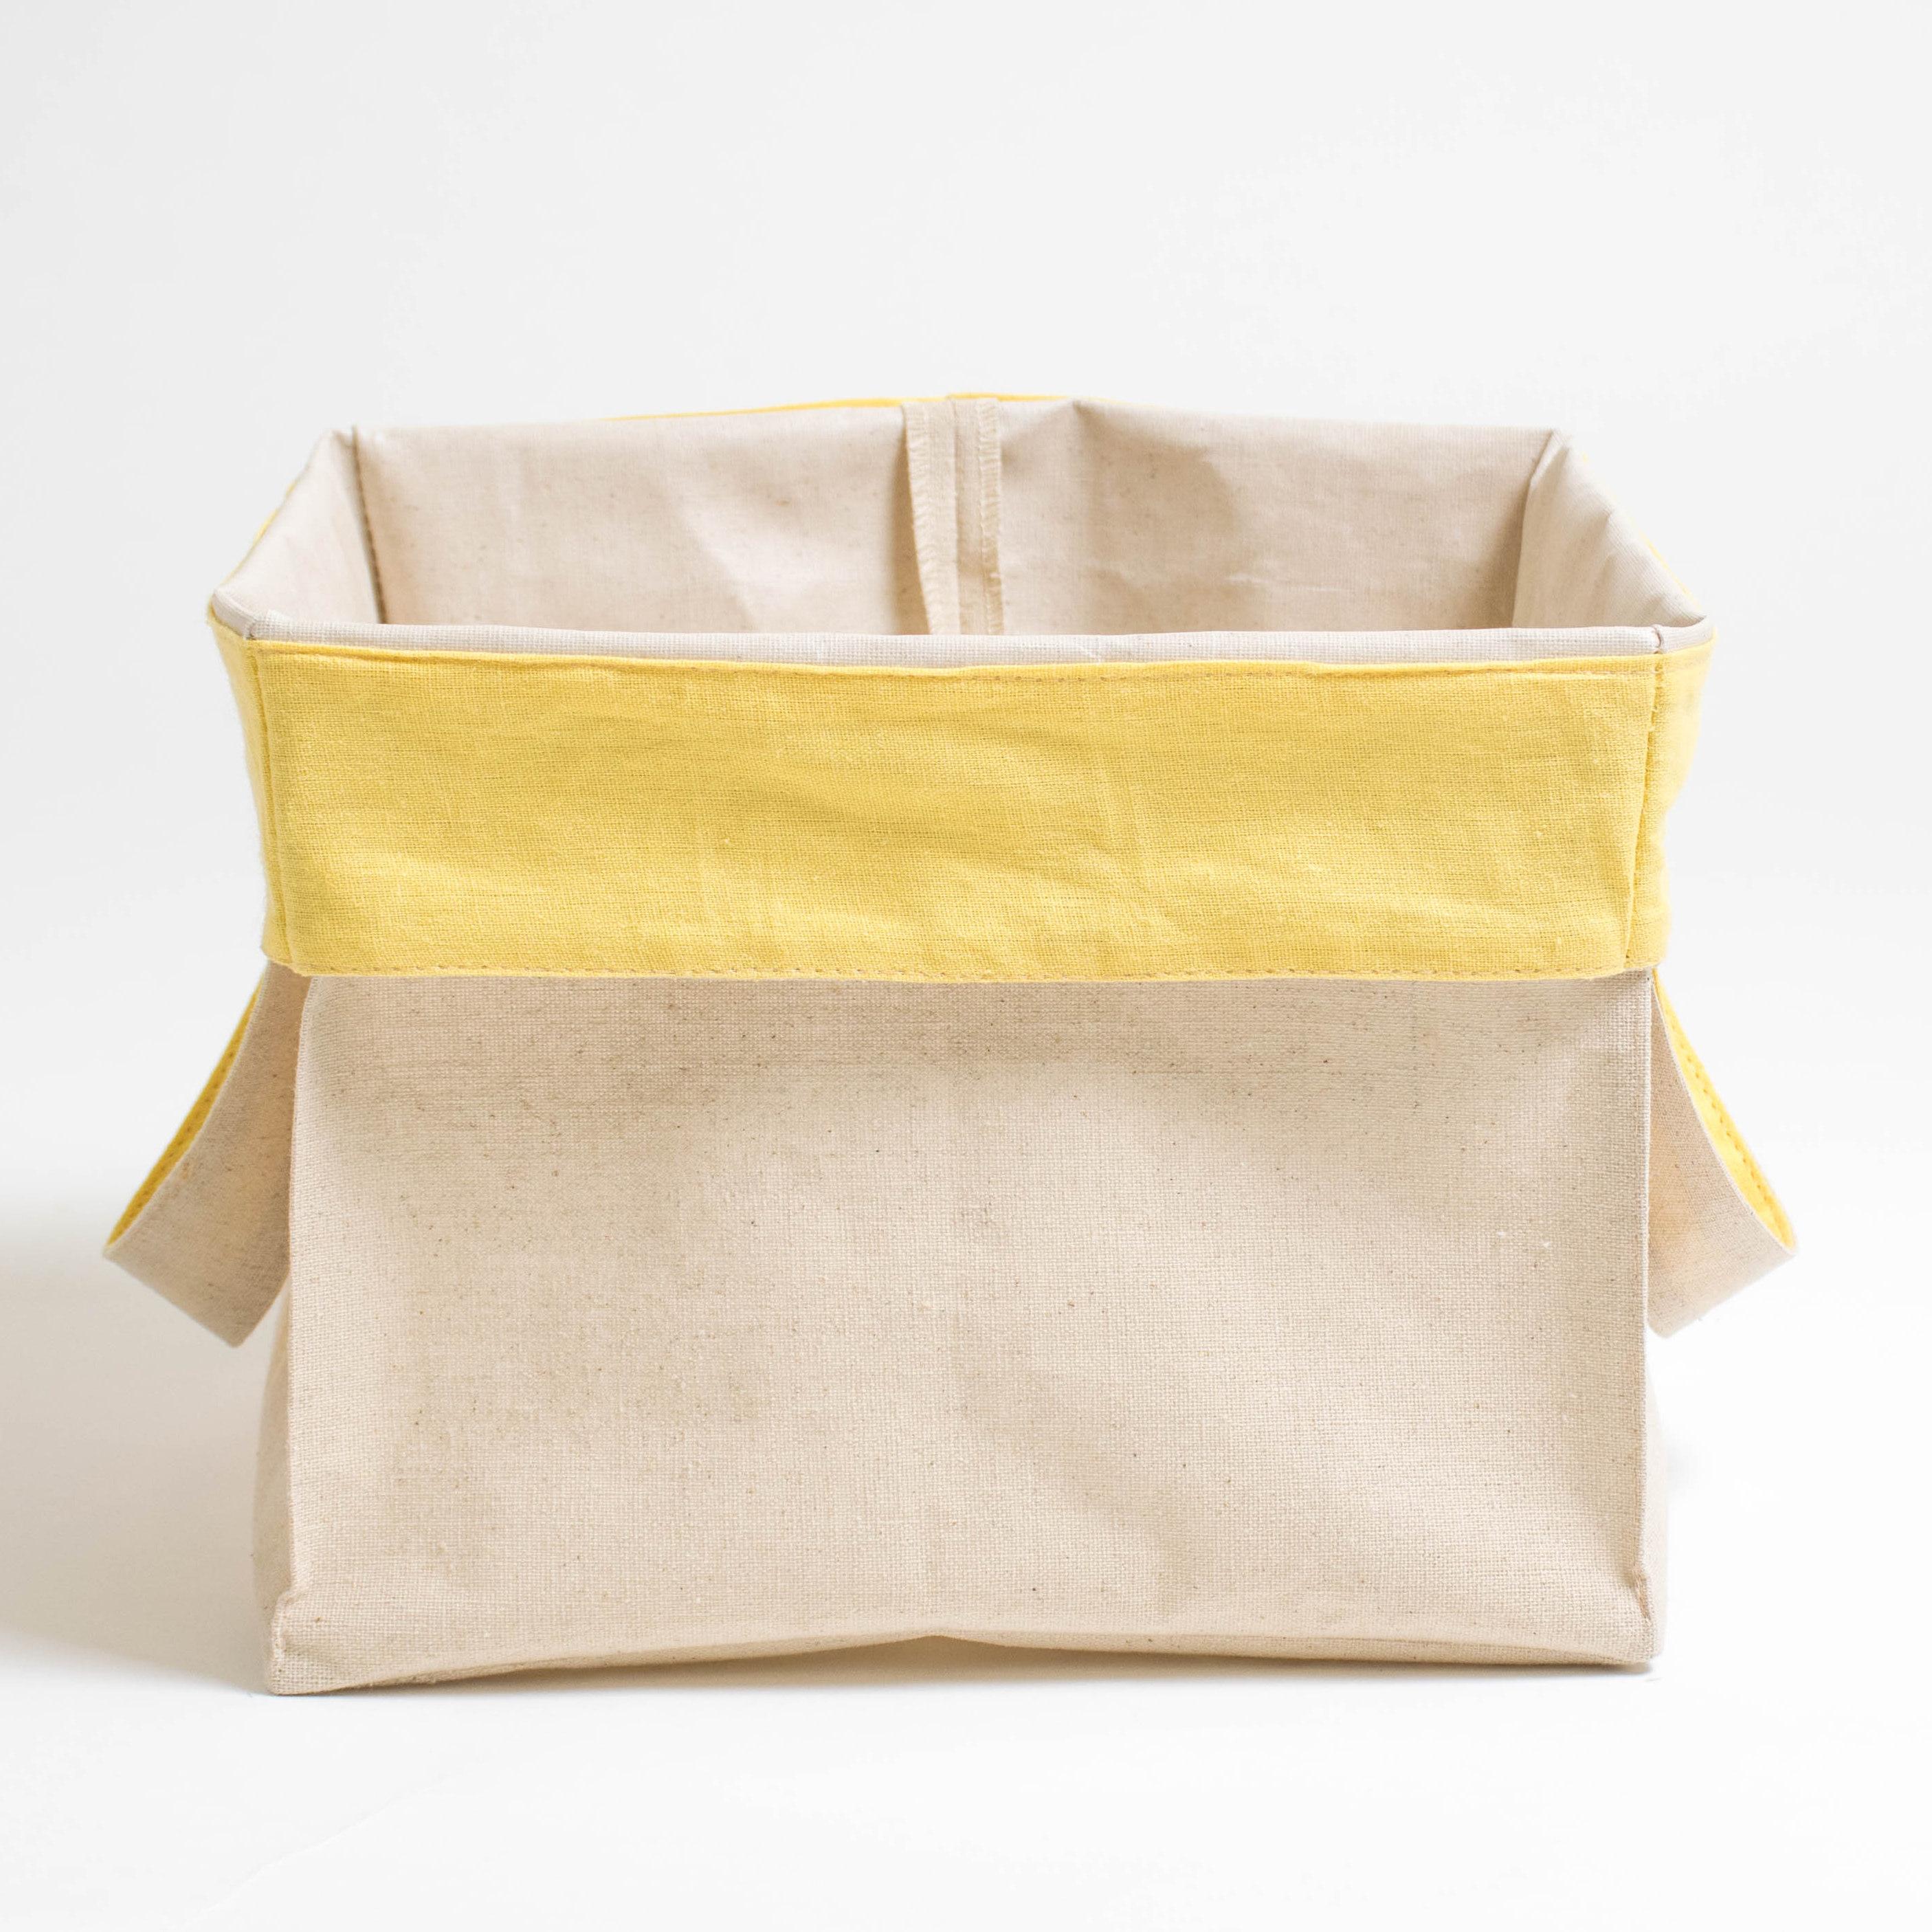 Короб с ручками ПровансАксессуары для кухни<br>Короб «Прованс» квадратный, с жёлтым отворотом<br><br>Квадратный короб изо льна с внутренней ламинацией, безопасной для здоровья, это обязательный предмет для каждого дома!<br><br>Внешняя сторона короба из хлопкольна, внутренняя часть заламинирована. Благодаря этому, короб можно использовать в кухне, спальне и даже ванной комнате! Для того, чтобы фрукты и овощи не теряли свой аромат, их не следует убирать в холодильник. Сложите, например, яблоки в корзинку и поставьте на обеденный стол. Можете даже предварительно их вымыть, для того чтобы домочадцы кушали «живые витамины» прямо из корзинки.<br><br>Наши ламинированные корзинки не боятся влаги! Поэтому они пригодятся Вам и в ванной комнате. В них можно убрать косметику, мочалки и детские игрушки, с которыми малыш играет во время приёма ванной. Квадратные короба «Прованс» являются хорошими помощниками и для наведения порядка в шкафах — в них можно сложить носочки, детские игрушки, нитки для вязание и многое другое.<br><br>Короба «Прованс» этот товар, который можно приобретать впрок, поскольку они складываются в плоский квадрат и практически не занимают места при хранении в шкафах!&amp;amp;nbsp;<br><br>Material: Хлопок<br>Width см: 27<br>Depth см: 27<br>Height см: 27